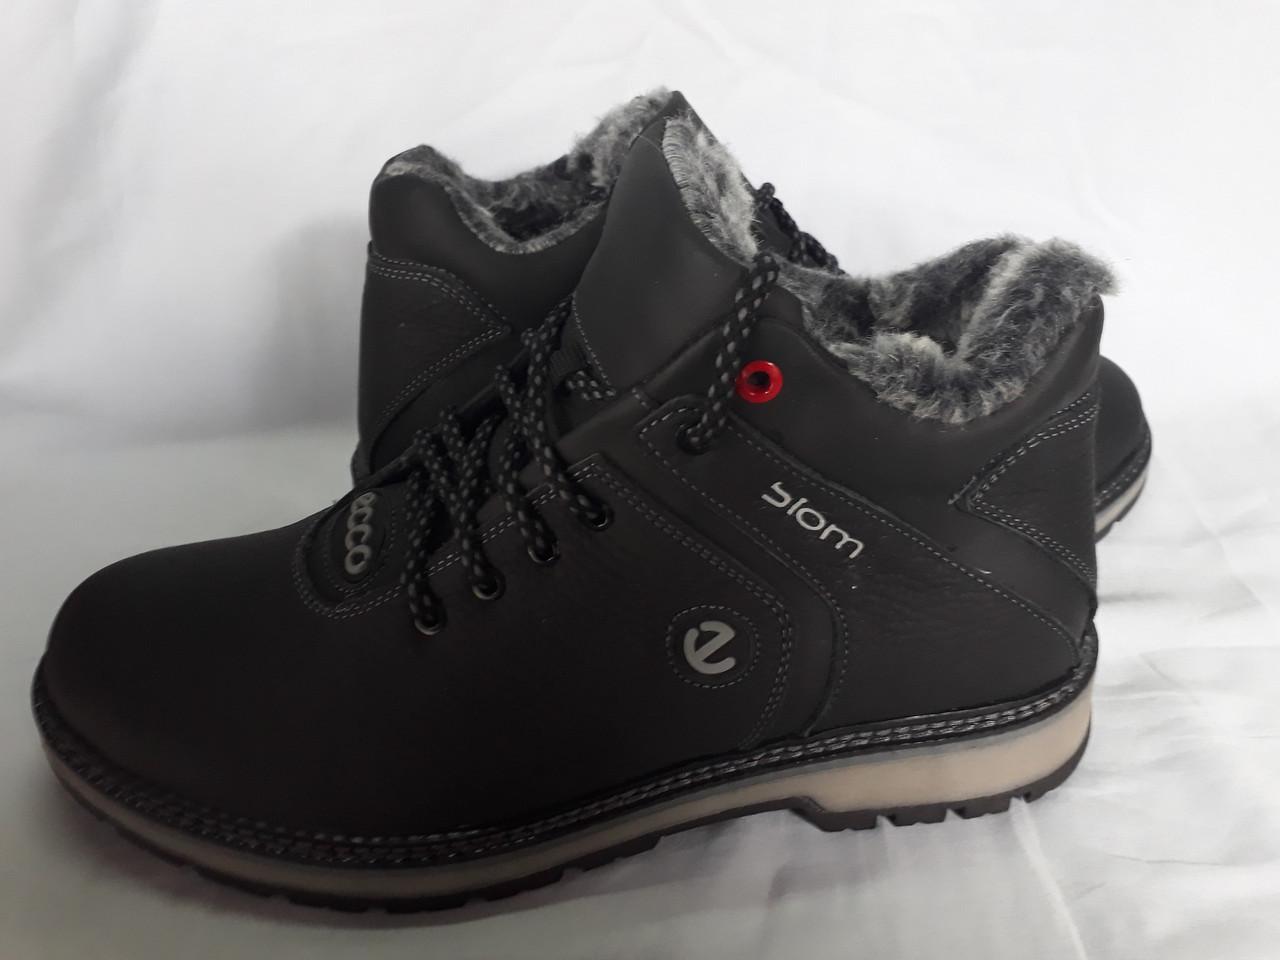 d4340559 Кожаные мужские зимние ботинки Ecco - Arfenia в Днепропетровской области